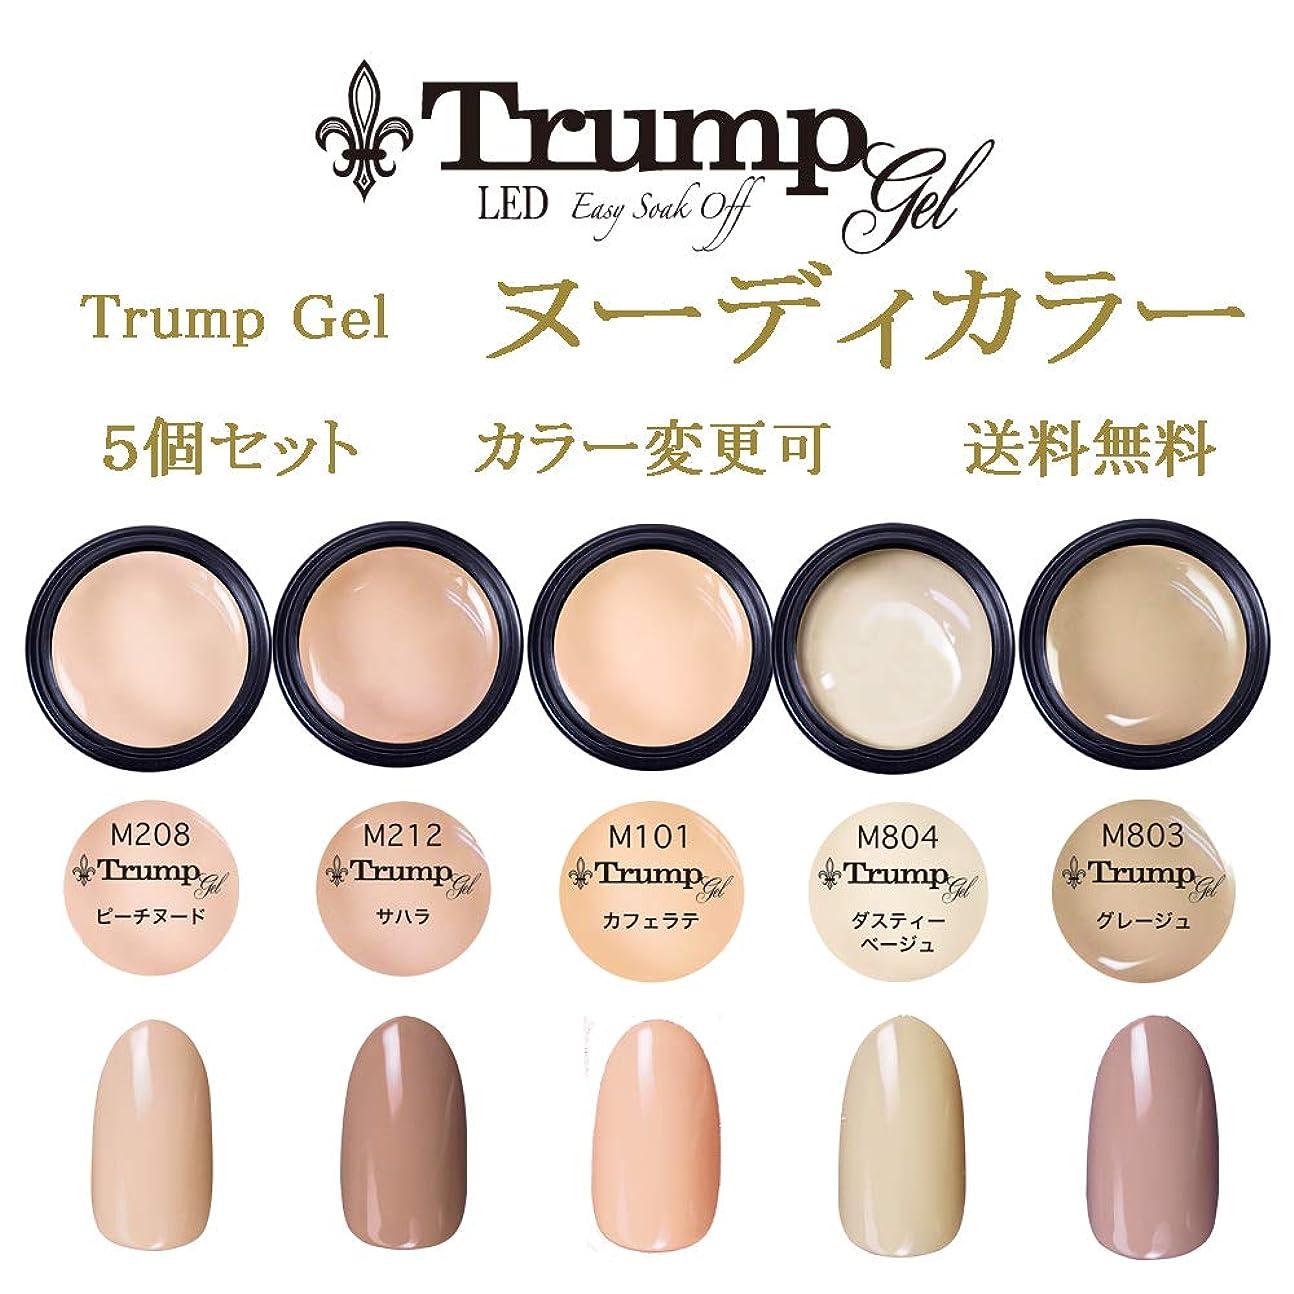 フロント侵略汚染日本製 Trump gel トランプジェル ヌーディカラー 選べる カラージェル 5個セット ベージュ ブラウン ピンク